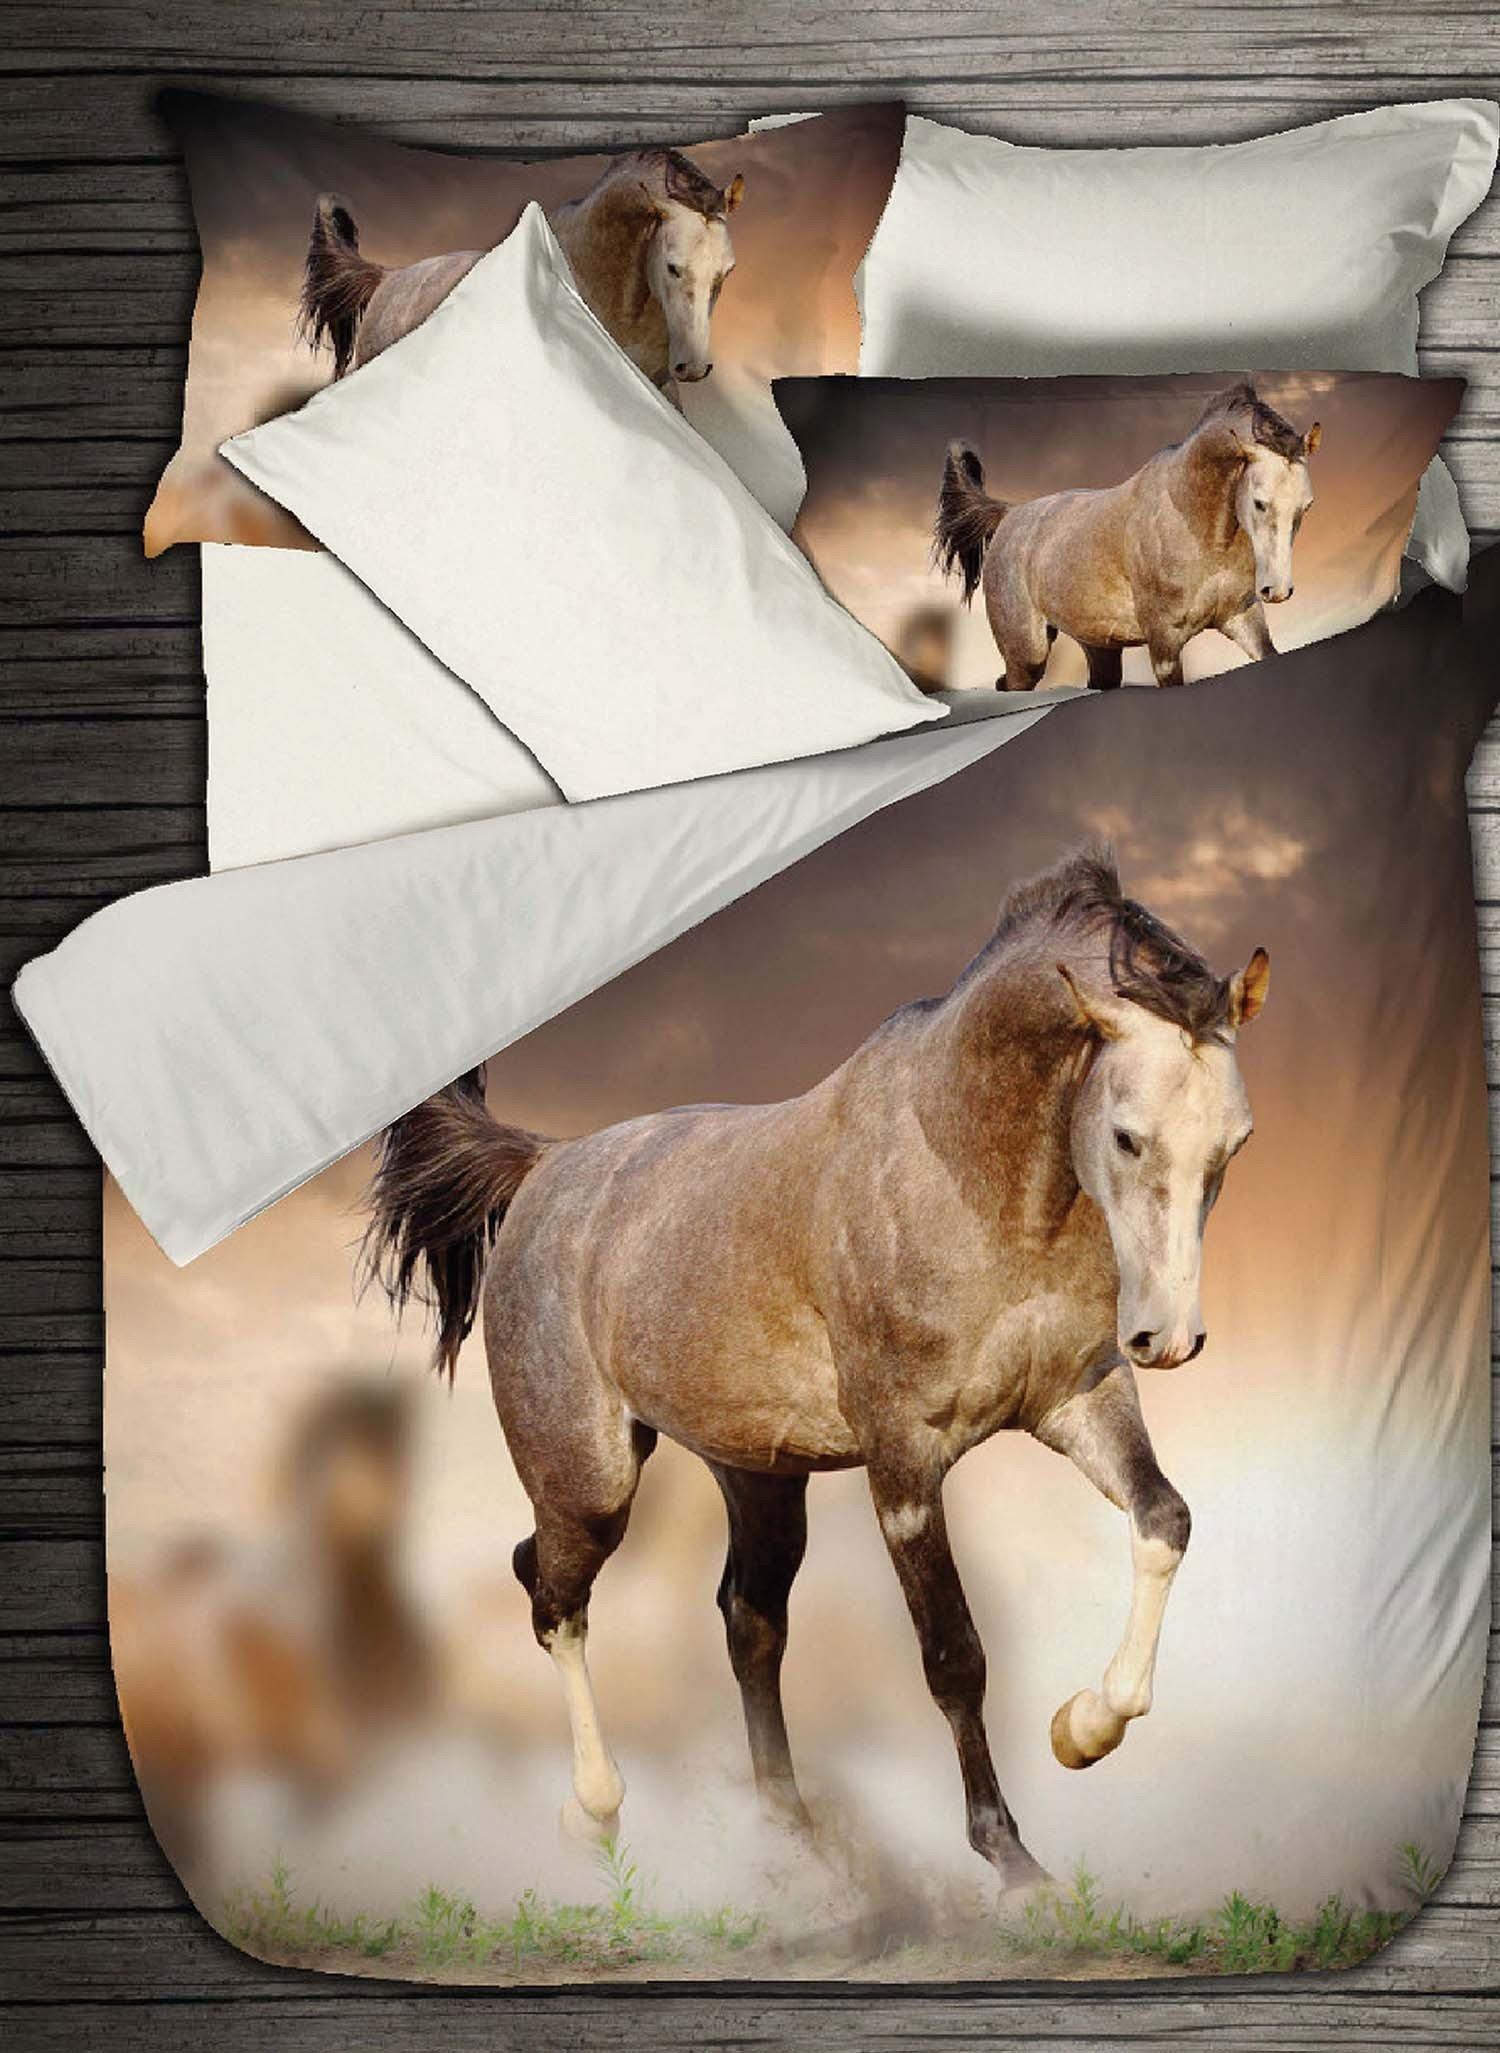 """S-Kissen""""WILD-HORSE""""65x65cm - 1 - Ronja.ch"""